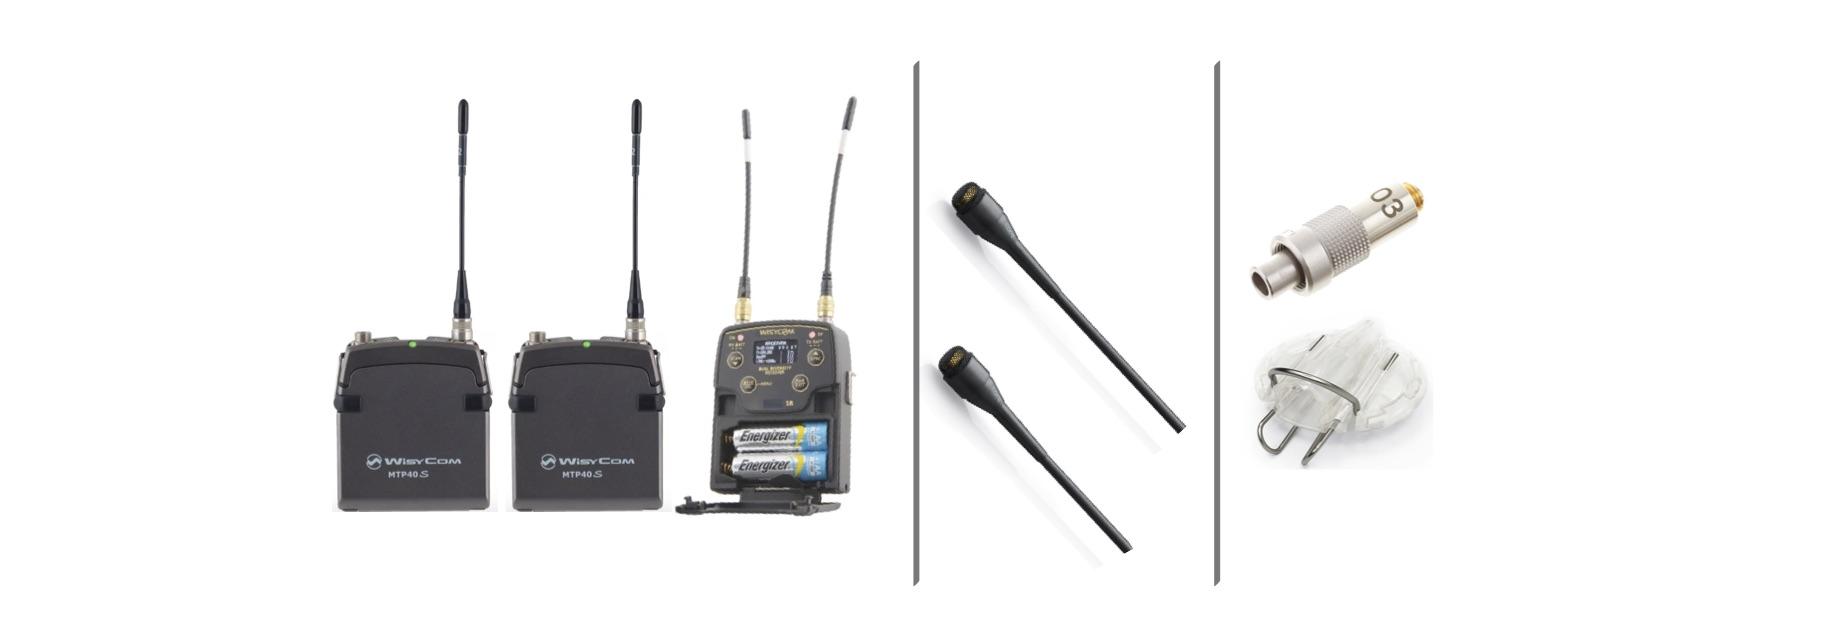 Wisycom & DPA Bundle MPR52 & MTP 40's with 2 x DPA Core 4060's